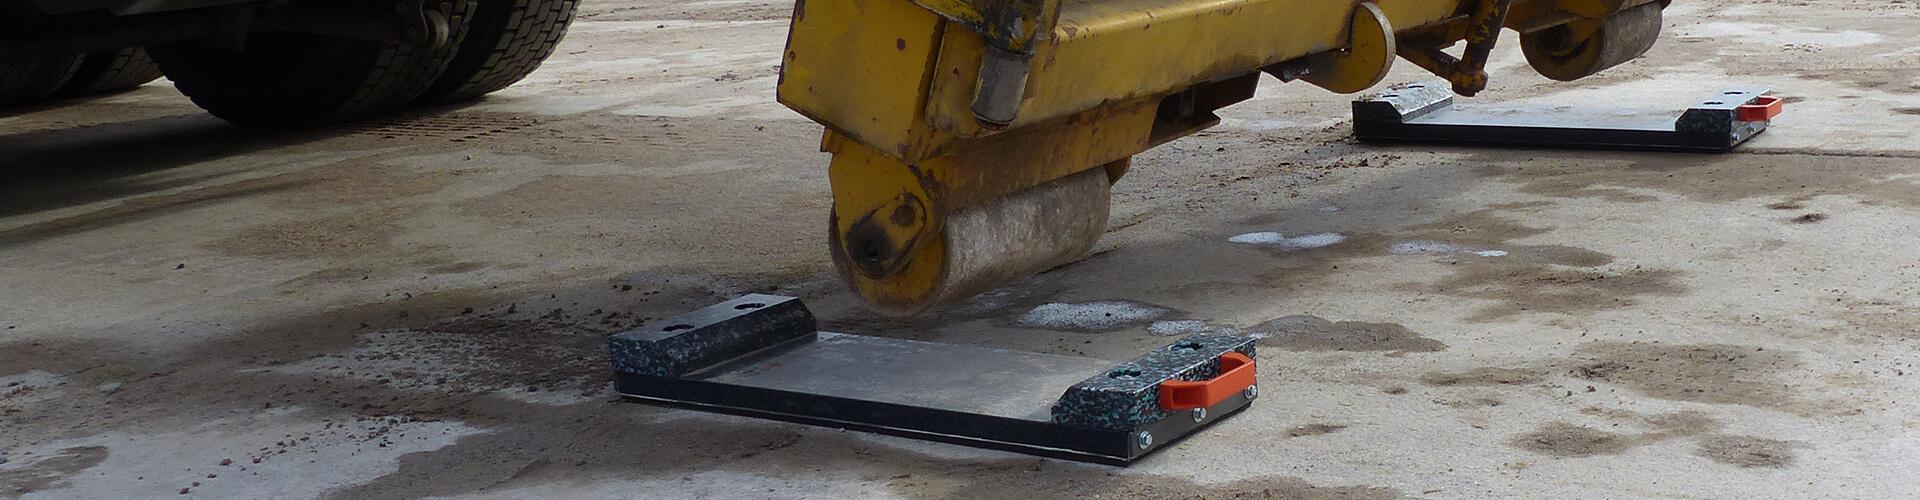 Mobile Bodenschutzplatten bieten Schutz vor Einsinken und Beschädigung des Untergrundes!